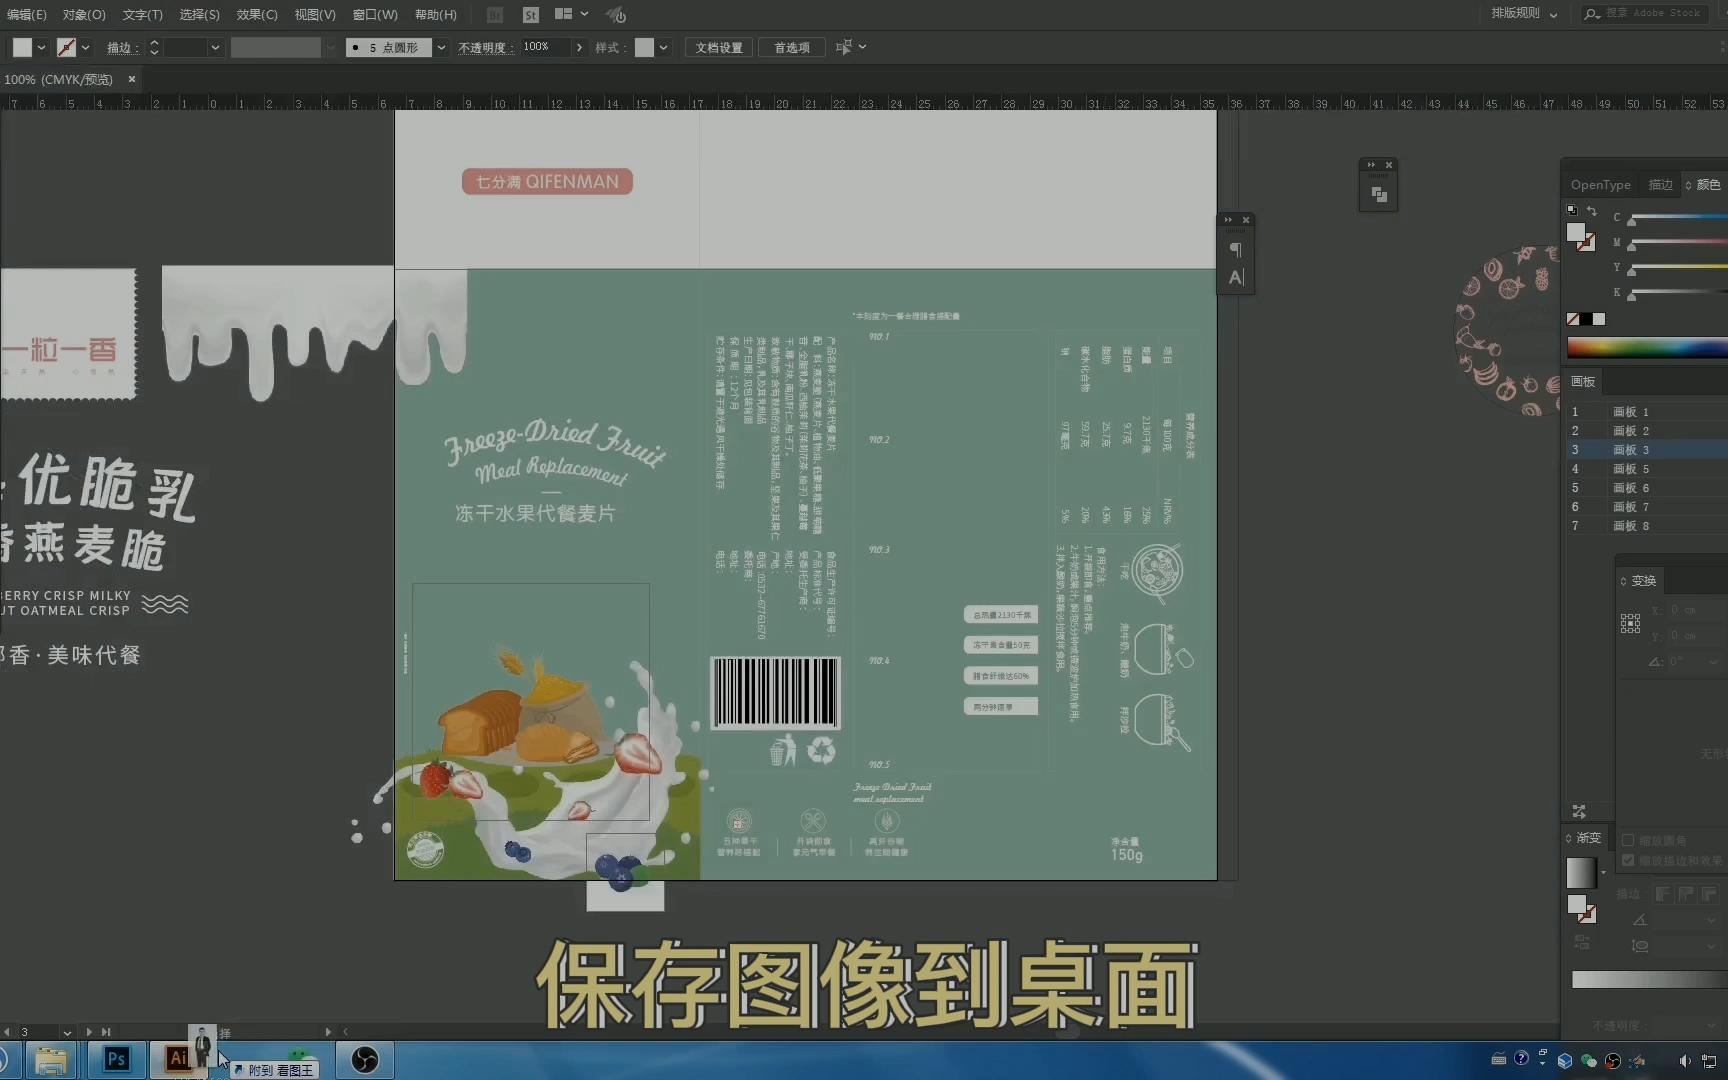 高级广告宣传品画册手册双面易拉宝宣传片展架插画电名片微信PS